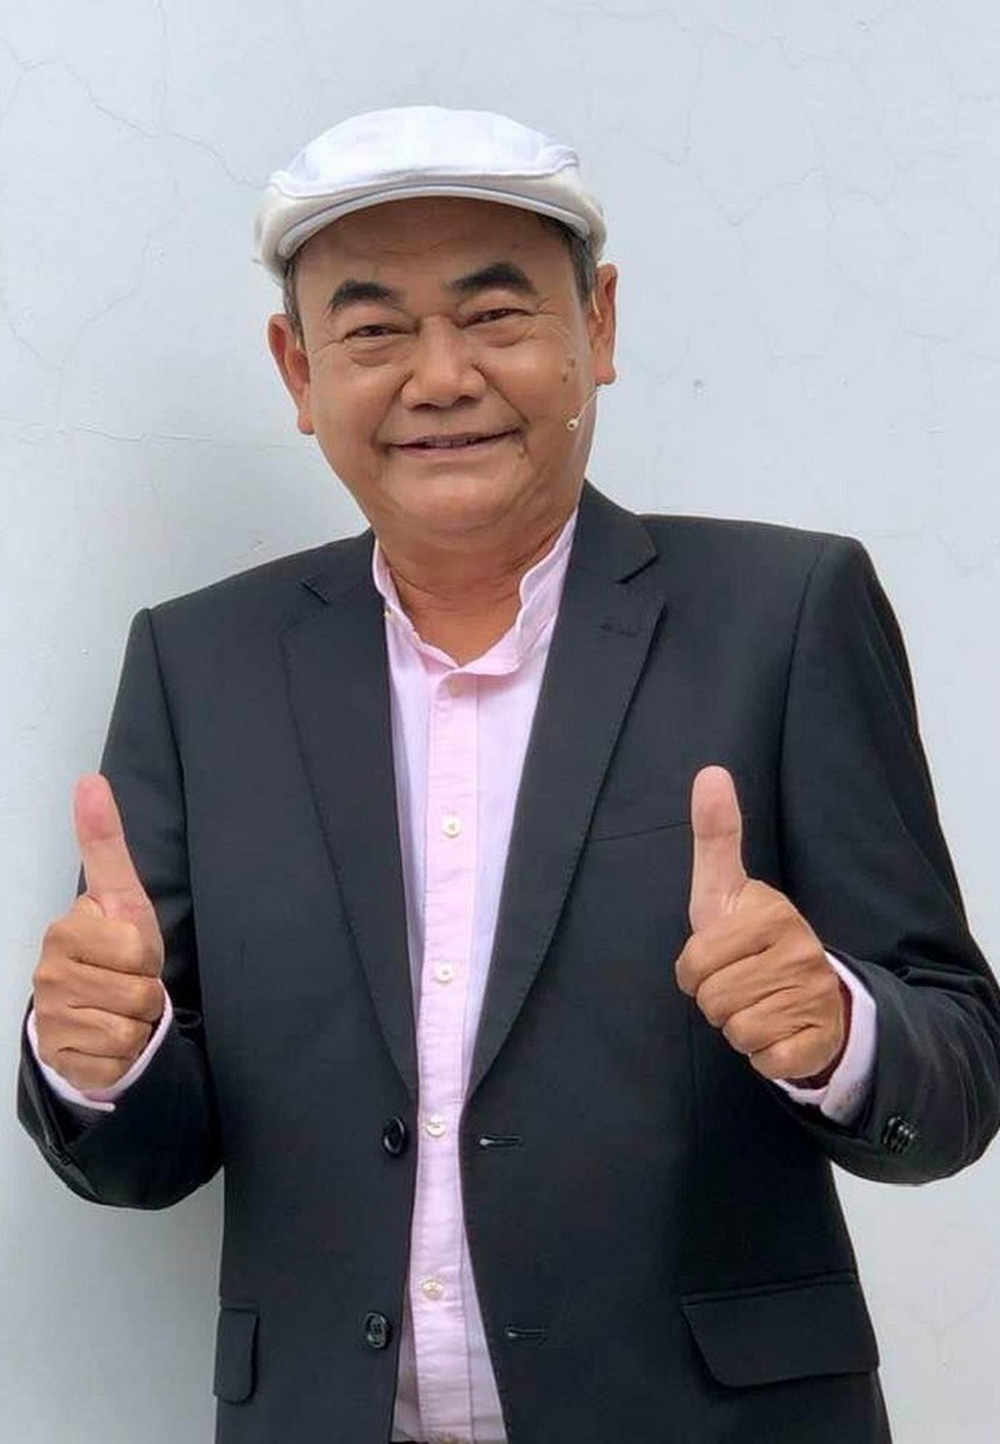 NSND Việt Anh: Lấy tiền mua nhà cho bạn mượn, 10 năm không hỏi một lần, chấp nhận ở thuê trọ - Ảnh 1.